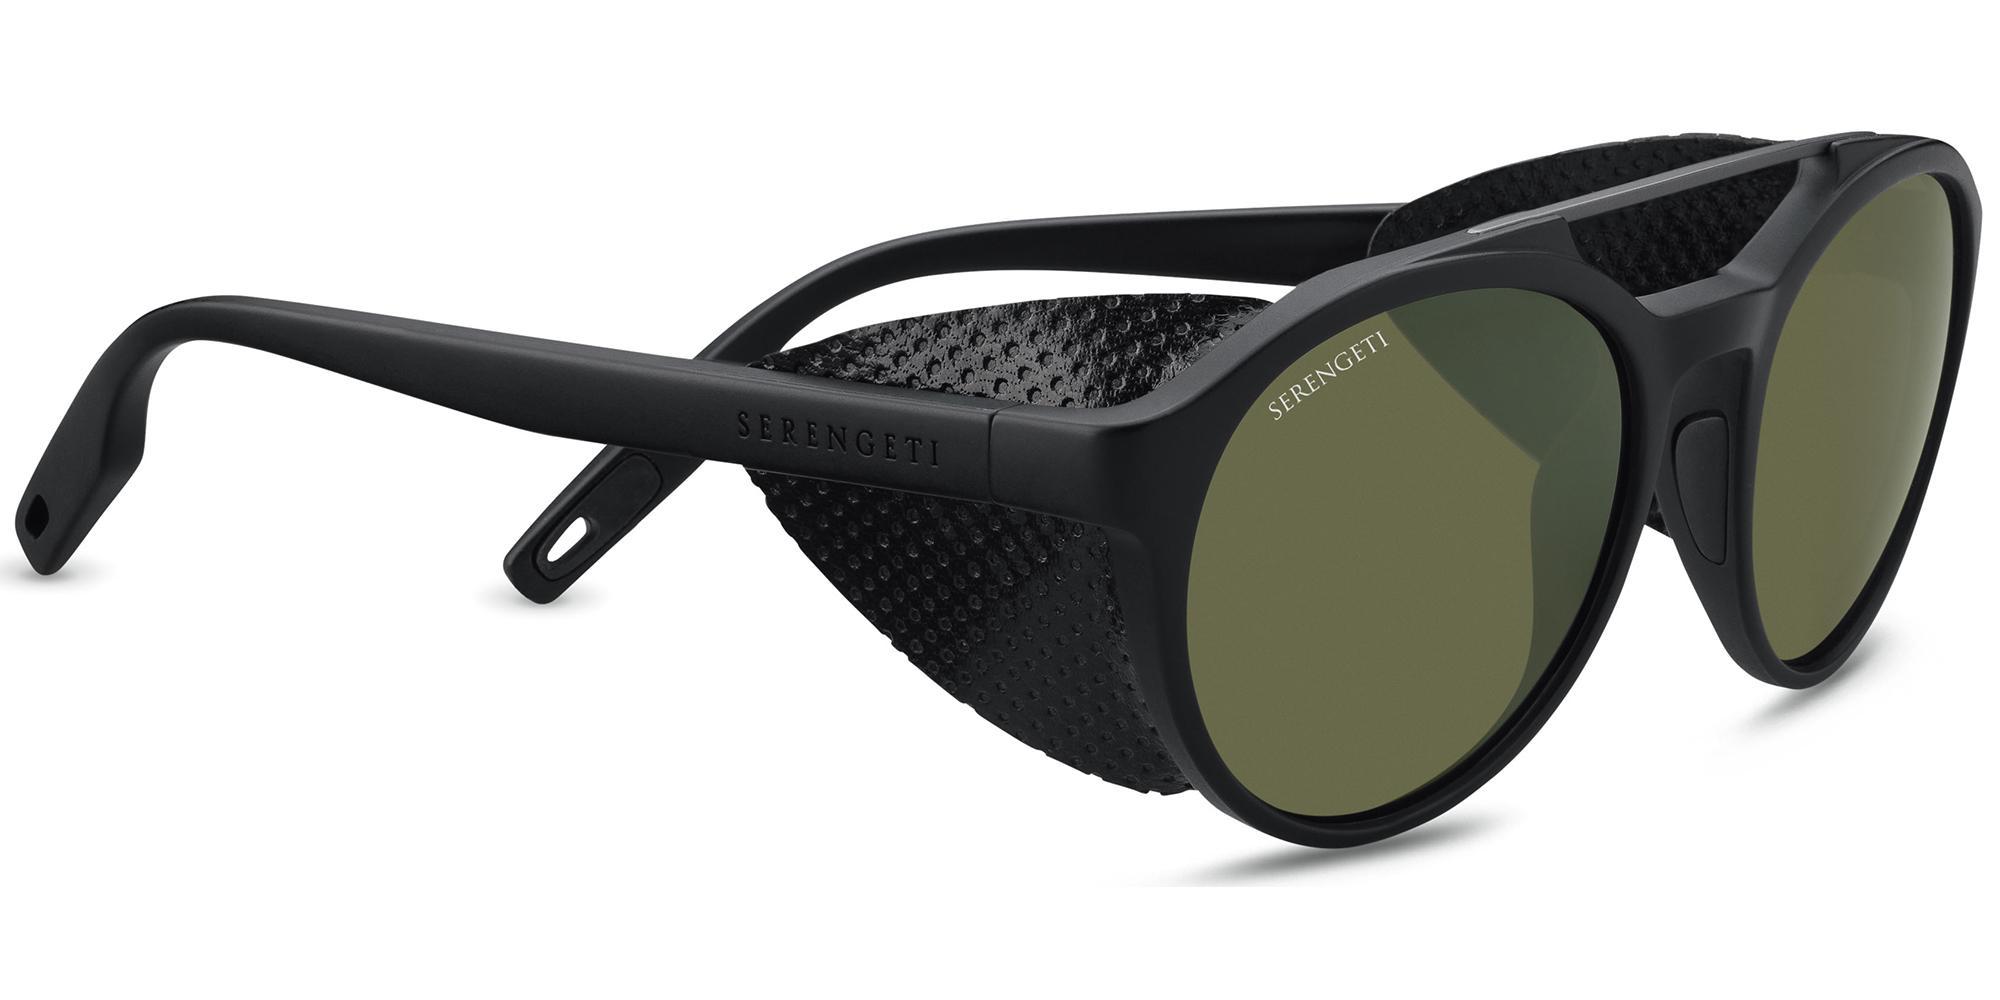 8585 Premium Nylon LEANDRO GLACIER Sunglasses, Serengeti